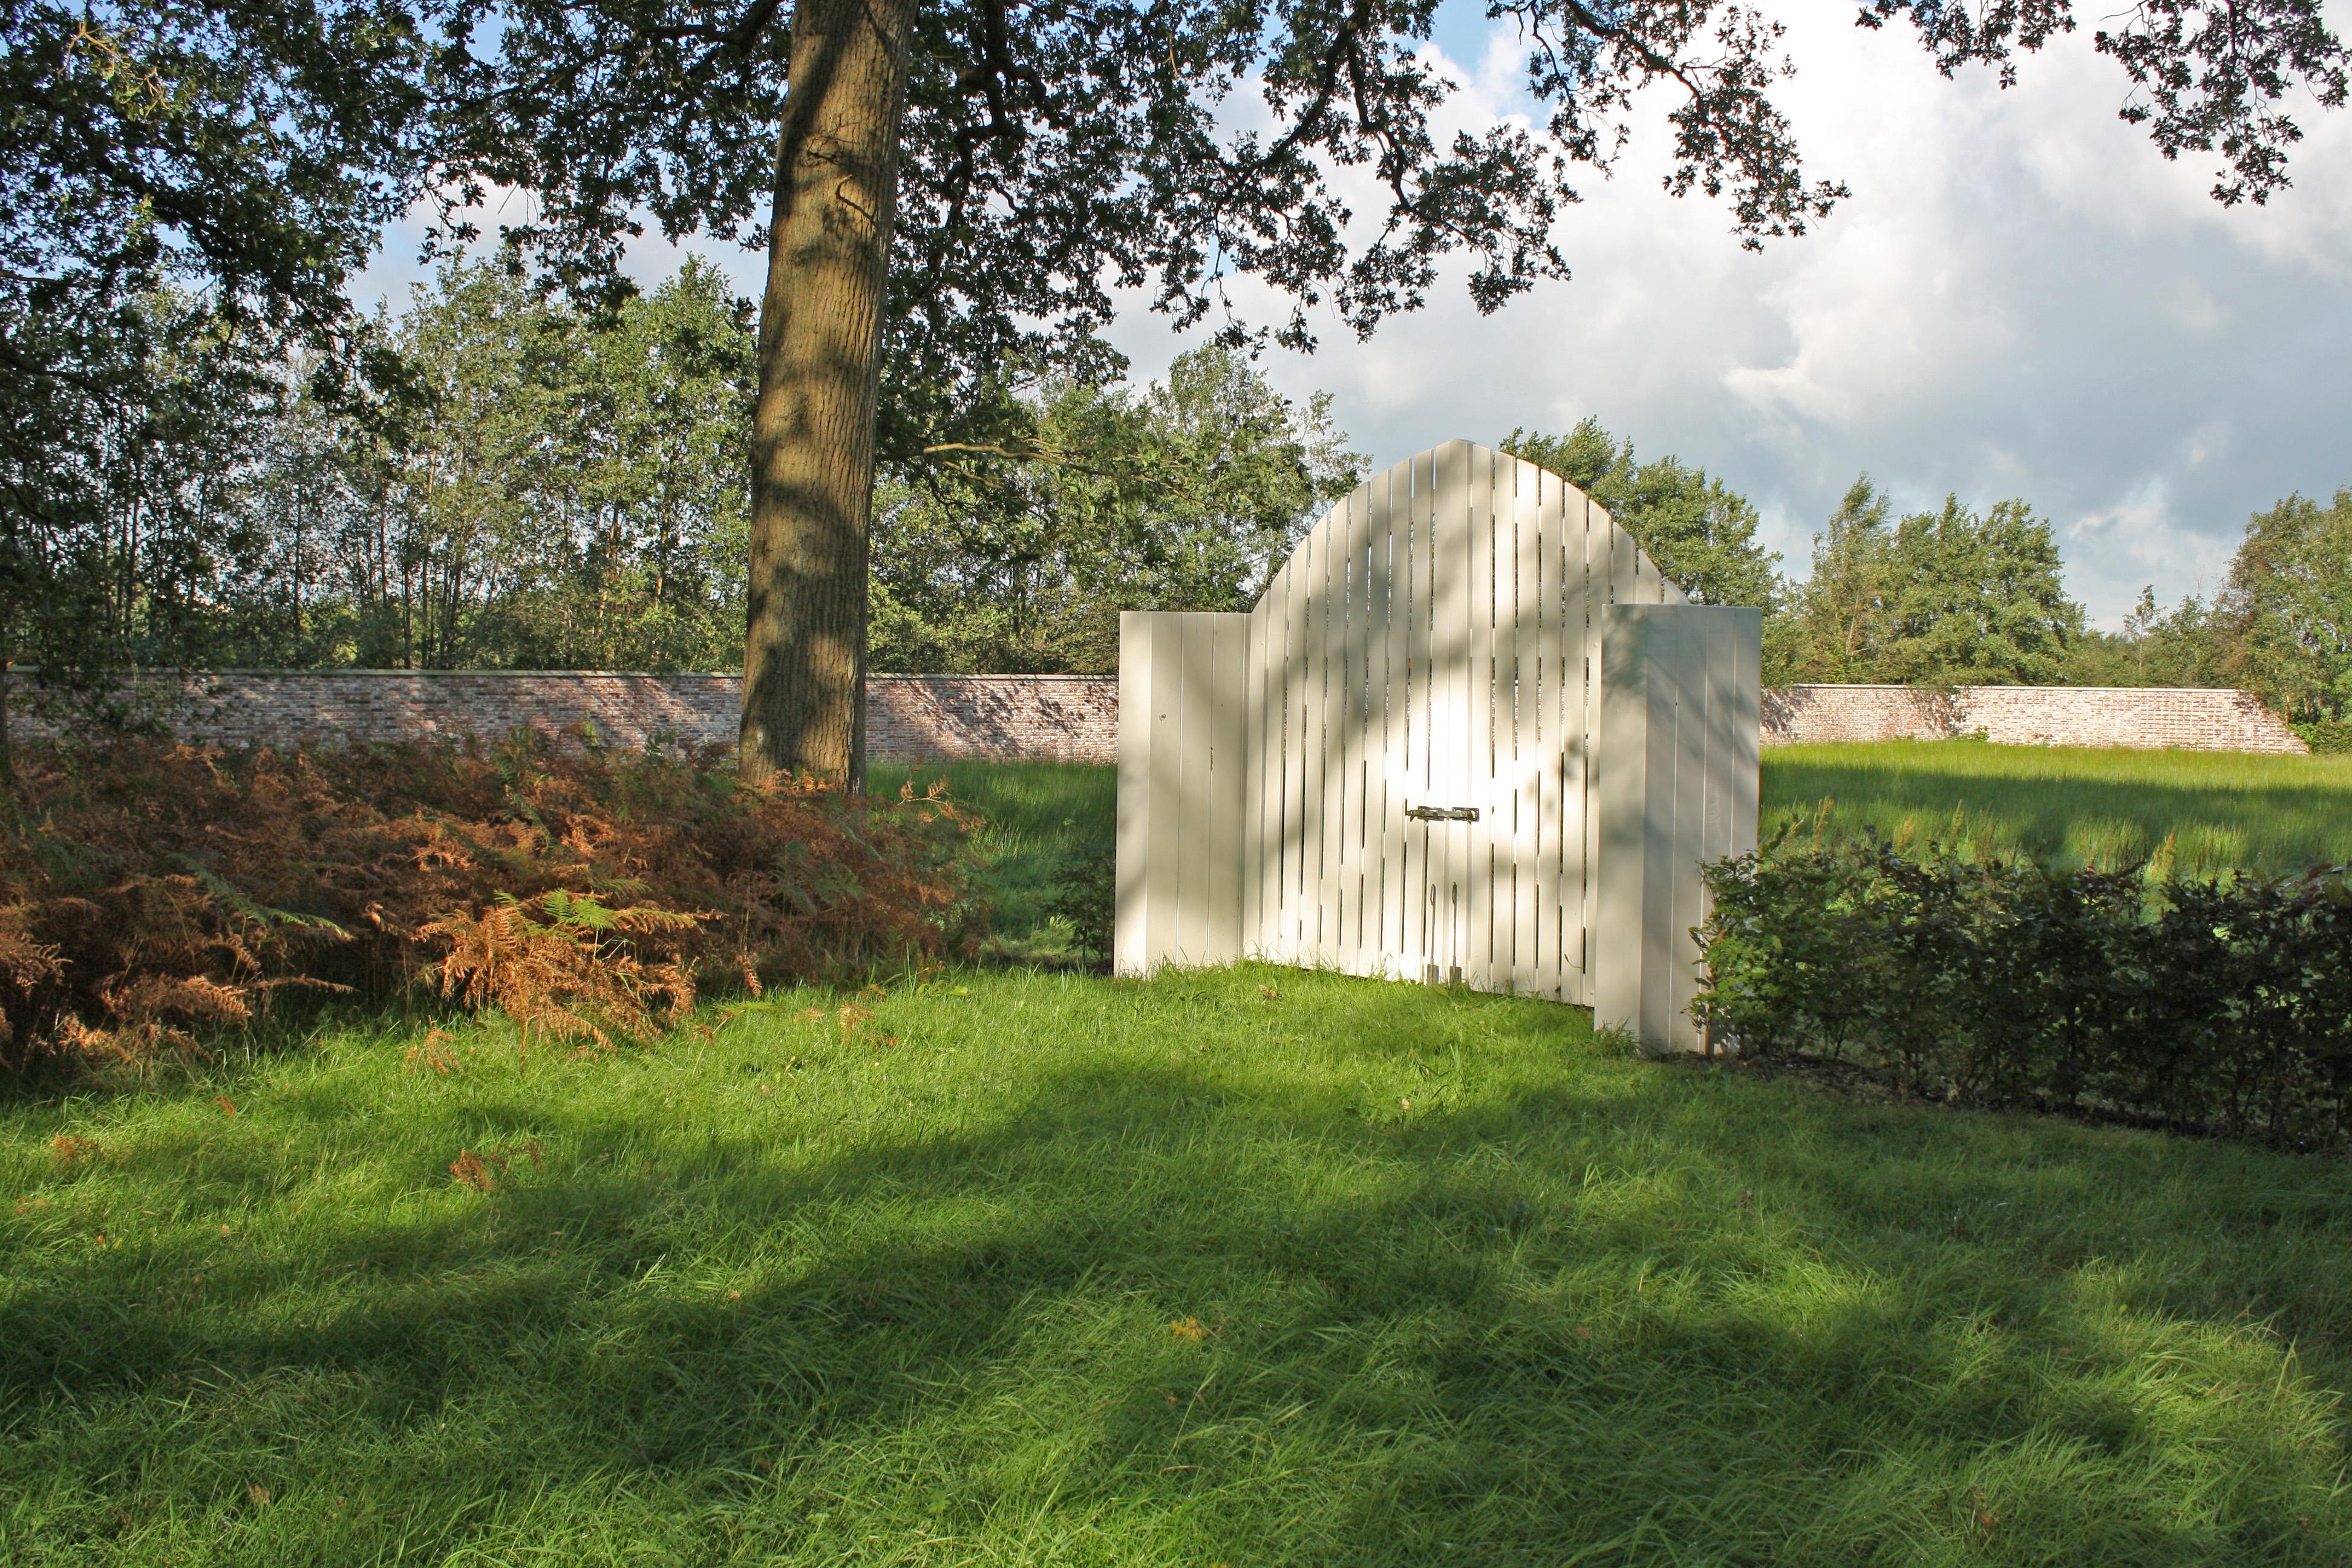 Stenen Muur Tuin : Bakstenen muur tuin beste inspiratie